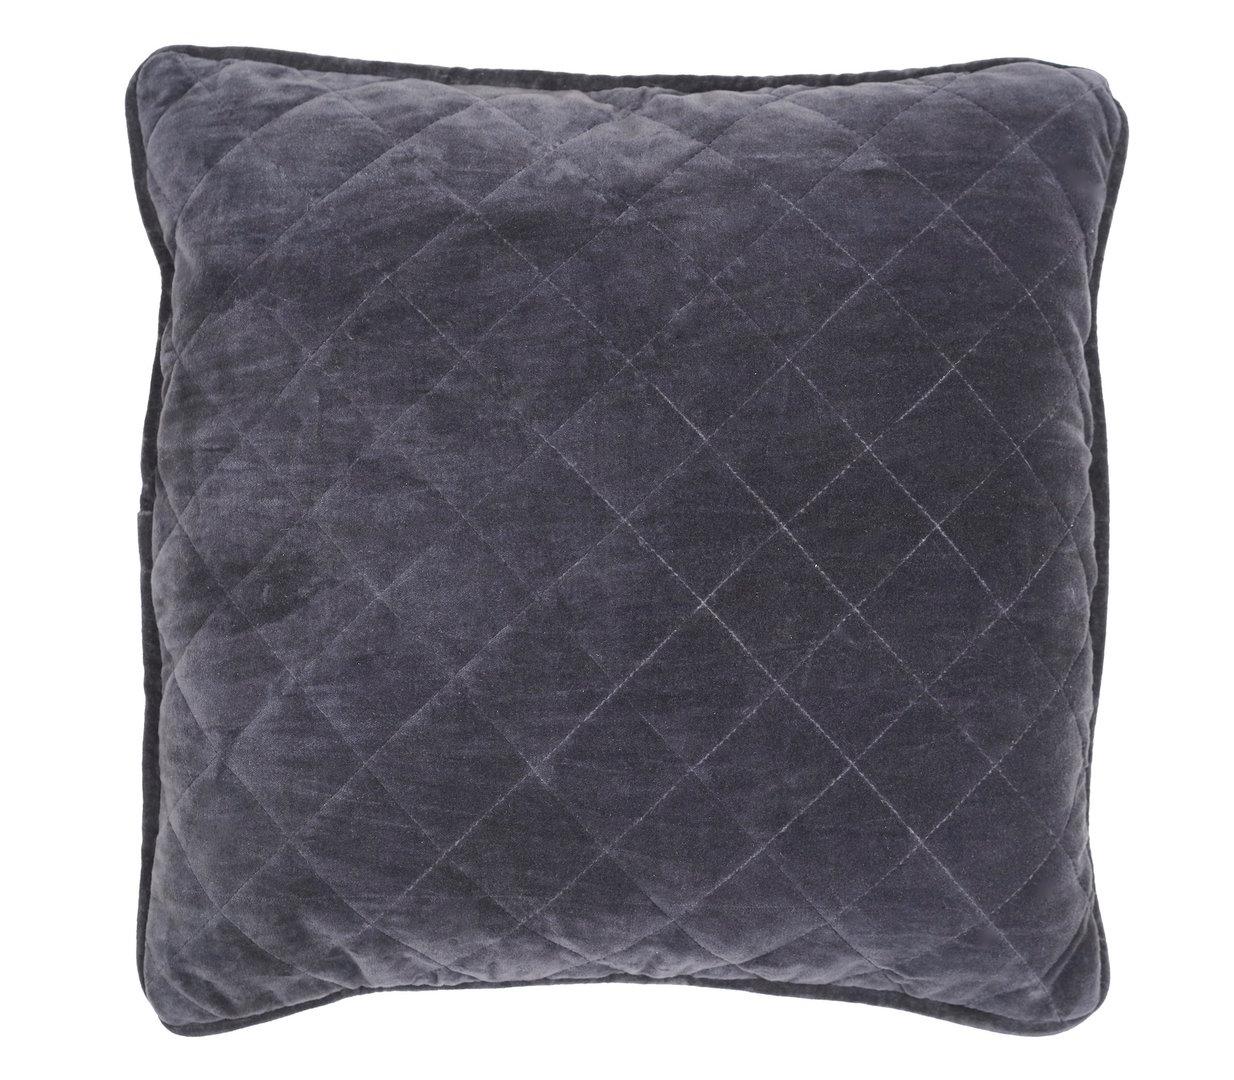 kissenh lle samt grau 50x50. Black Bedroom Furniture Sets. Home Design Ideas